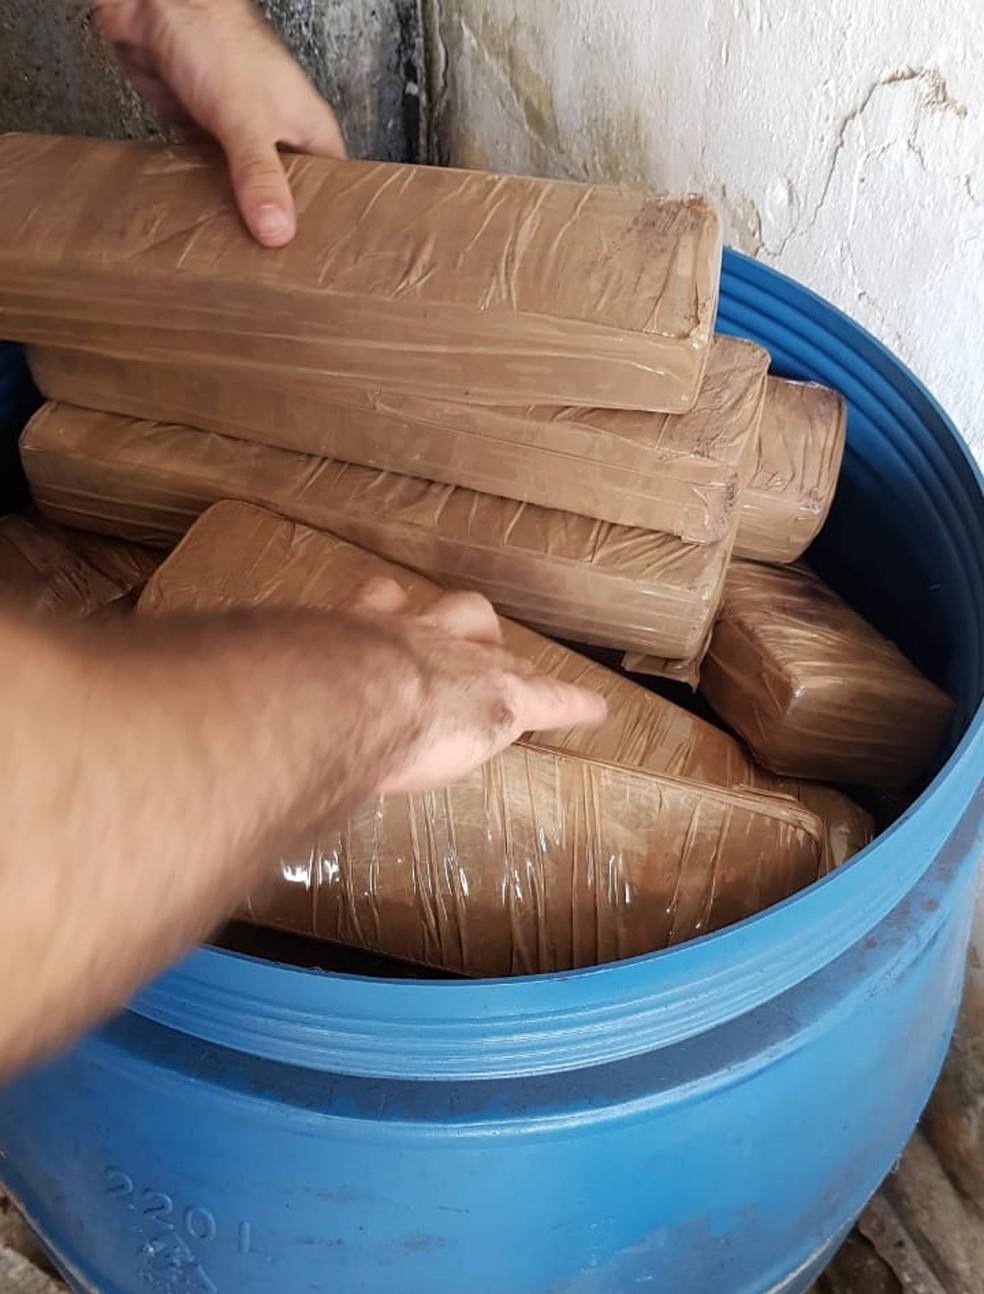 Maconha prensada foi apreendida durante operação das Polícias Civil e Militar, na Paraíba — Foto: Polícia Civil/Divulgação